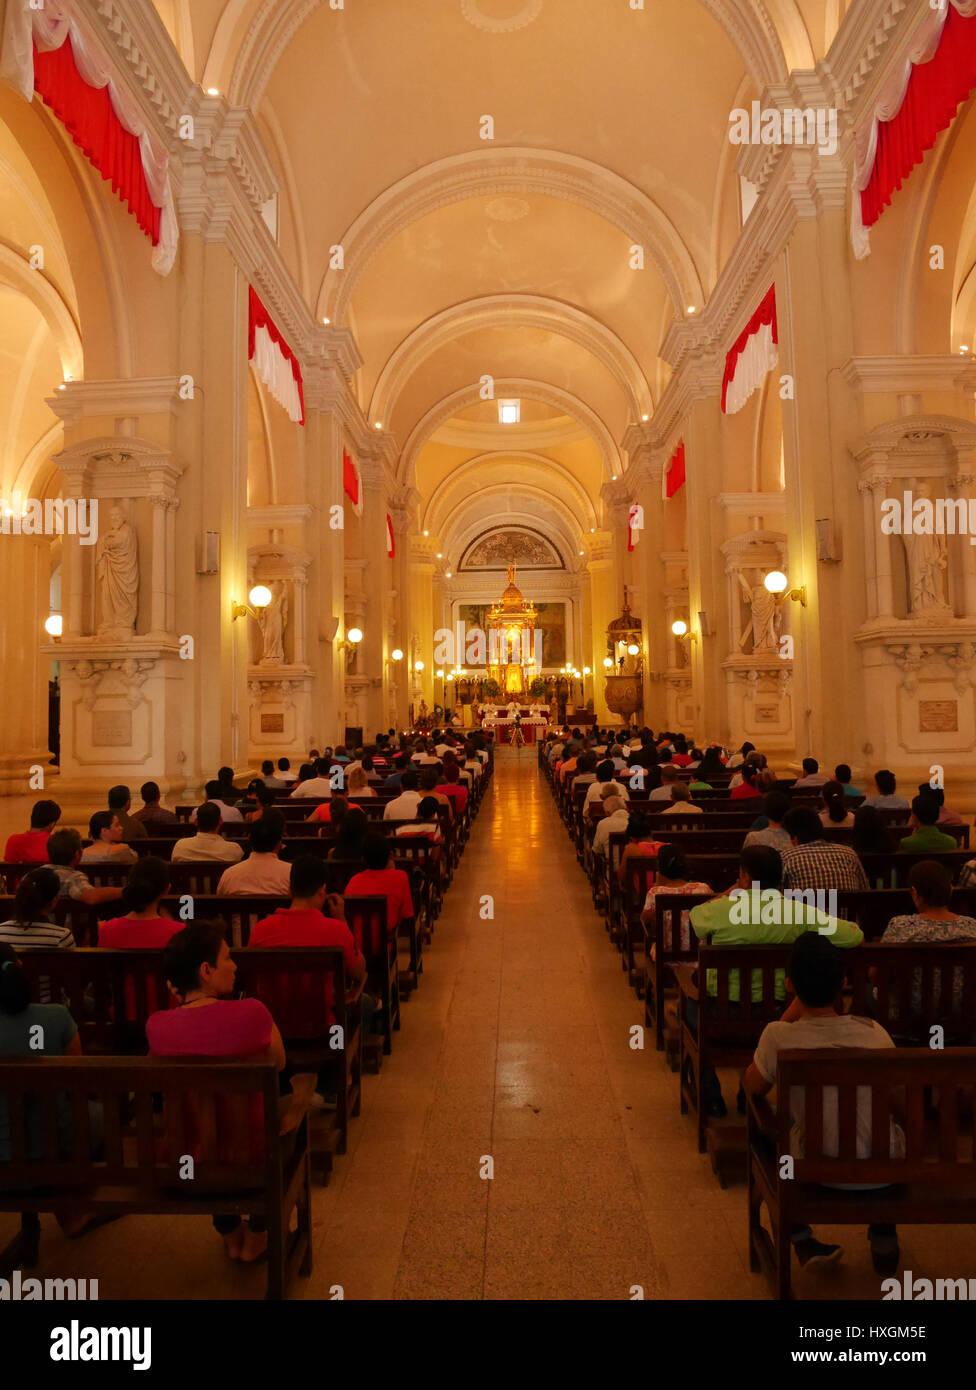 a lintrieur de lglise pendant la messe au nicaragua lengorgement des gens prier clbrer